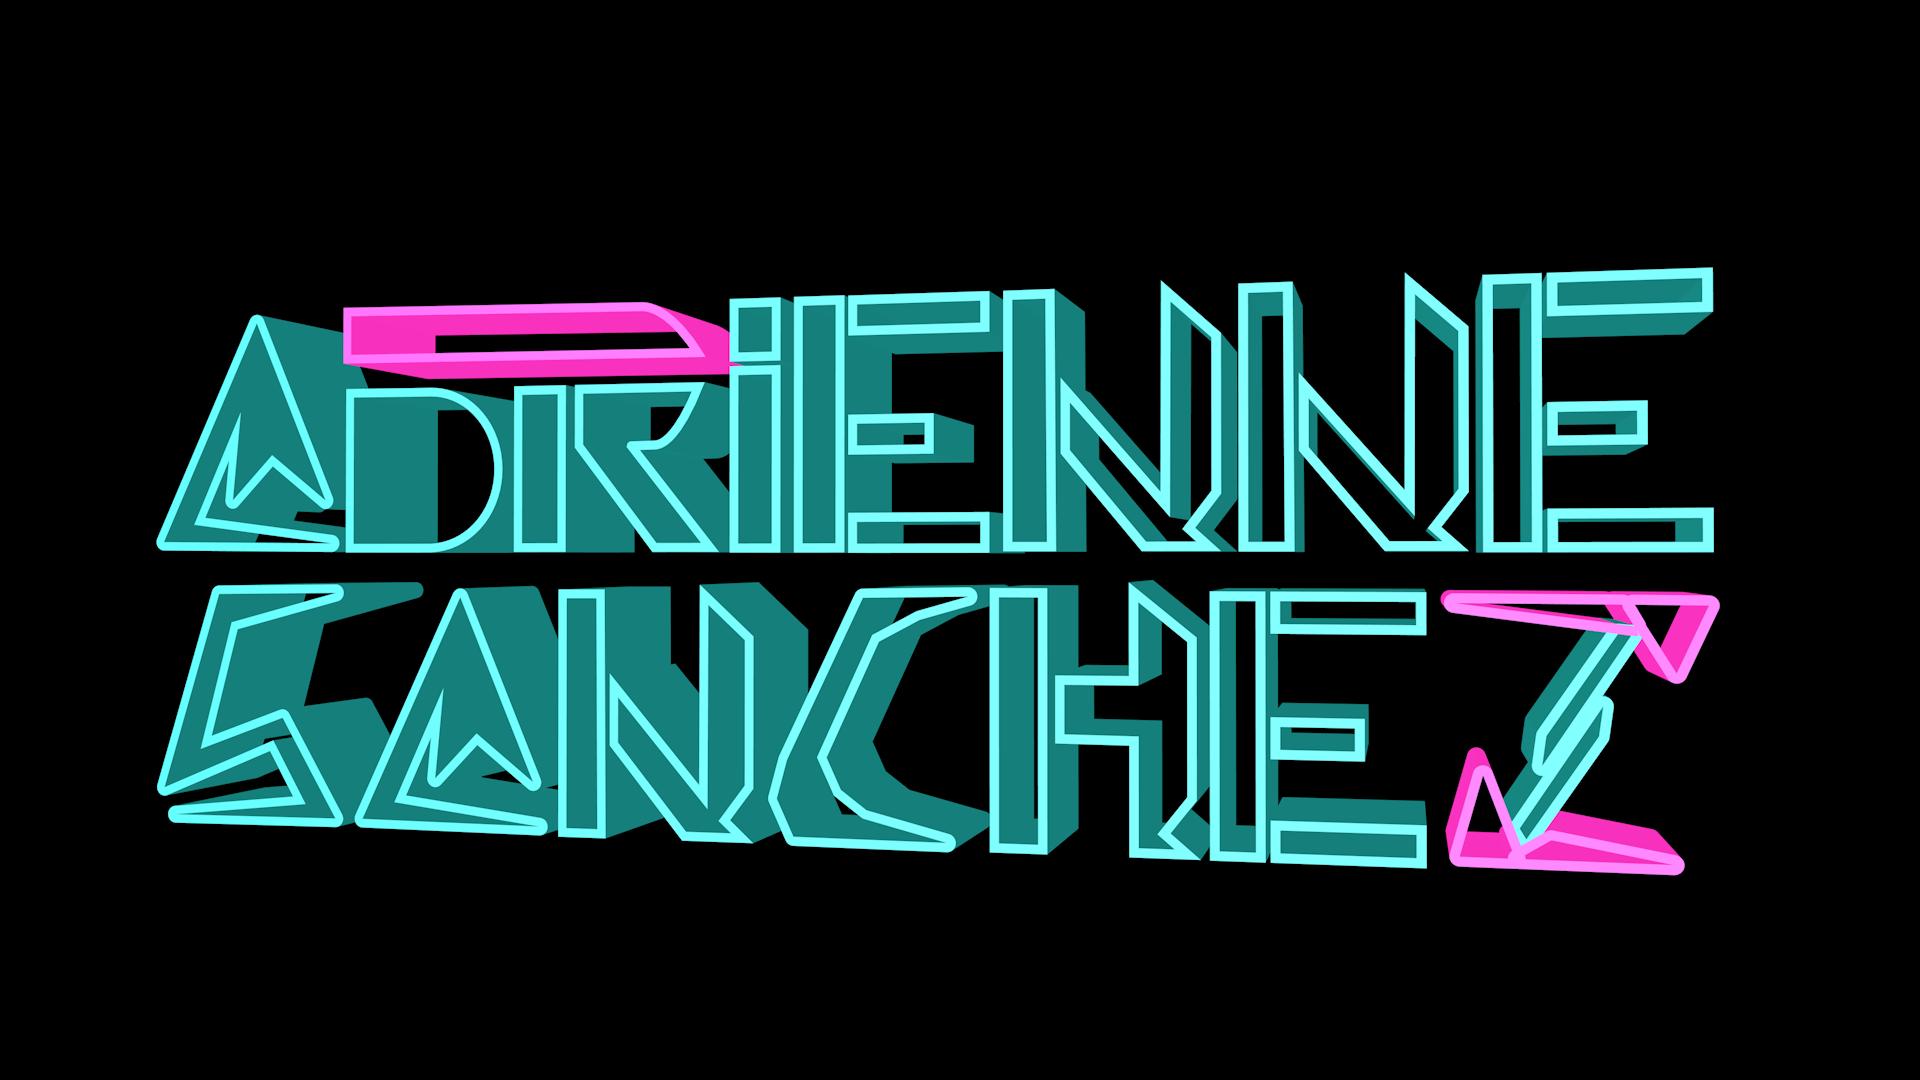 The static 3D logo for DJ Adrienne Sanchez.